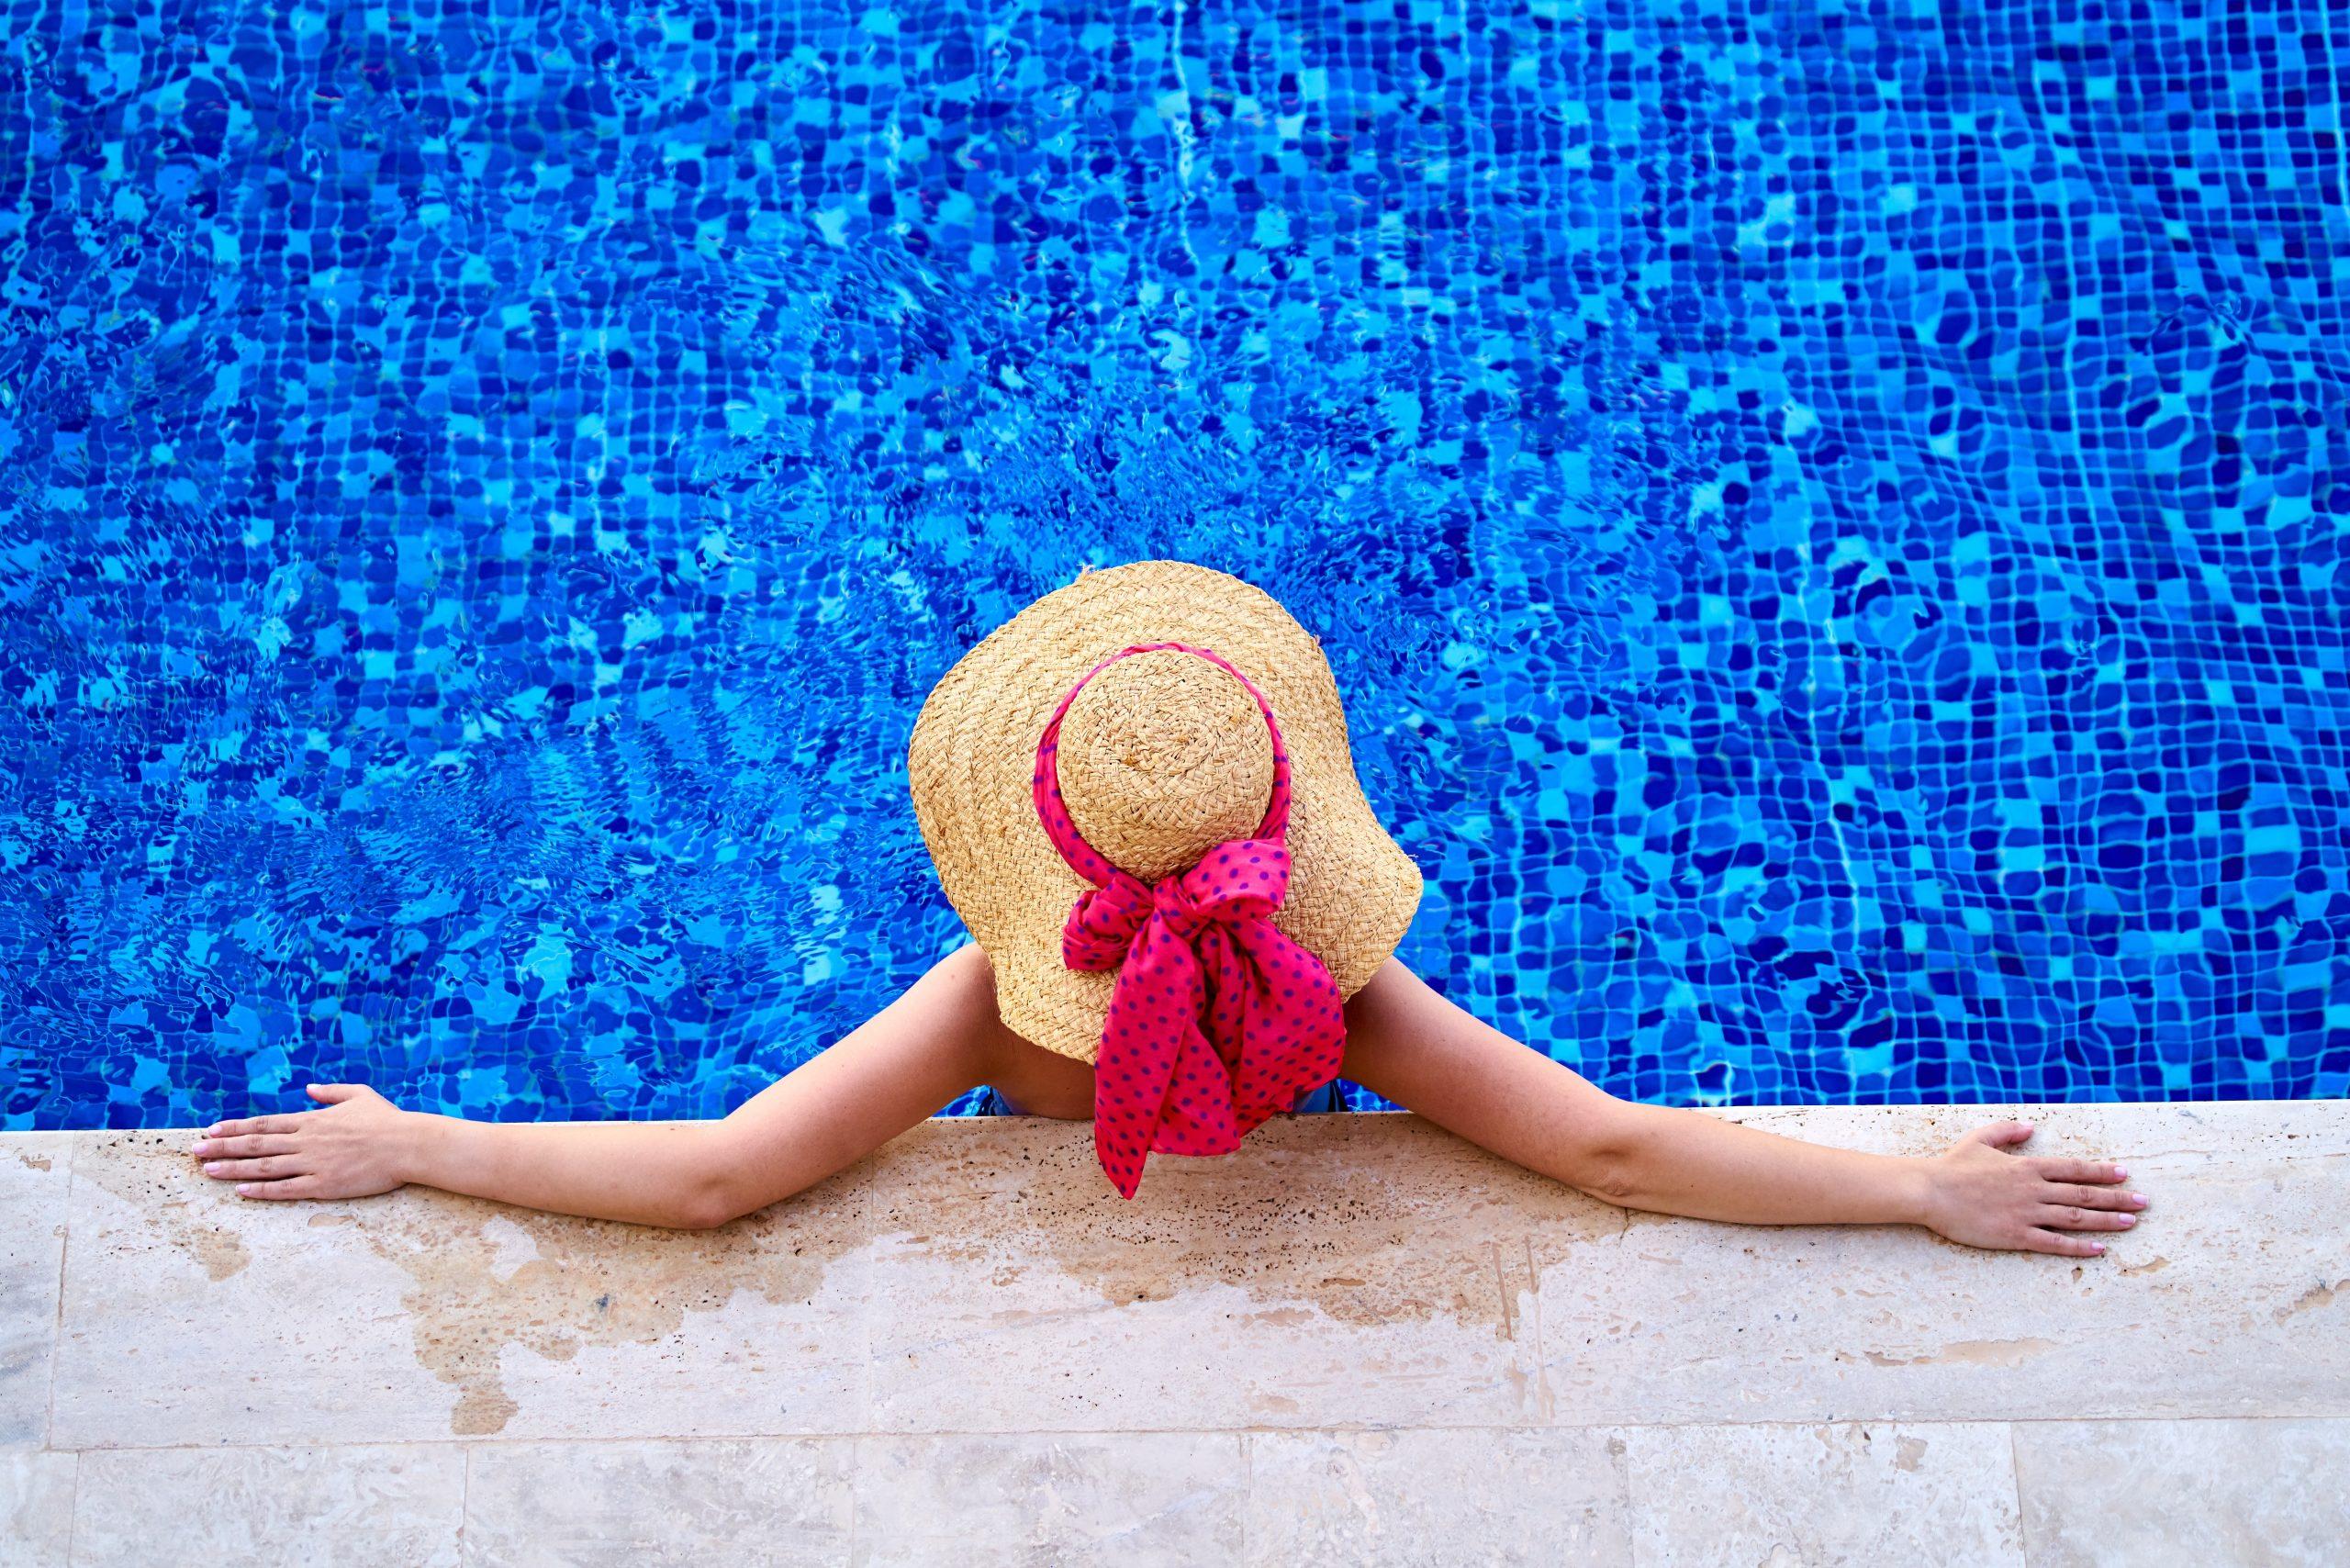 donna con cappello di paglia fiocco rosso in piscina